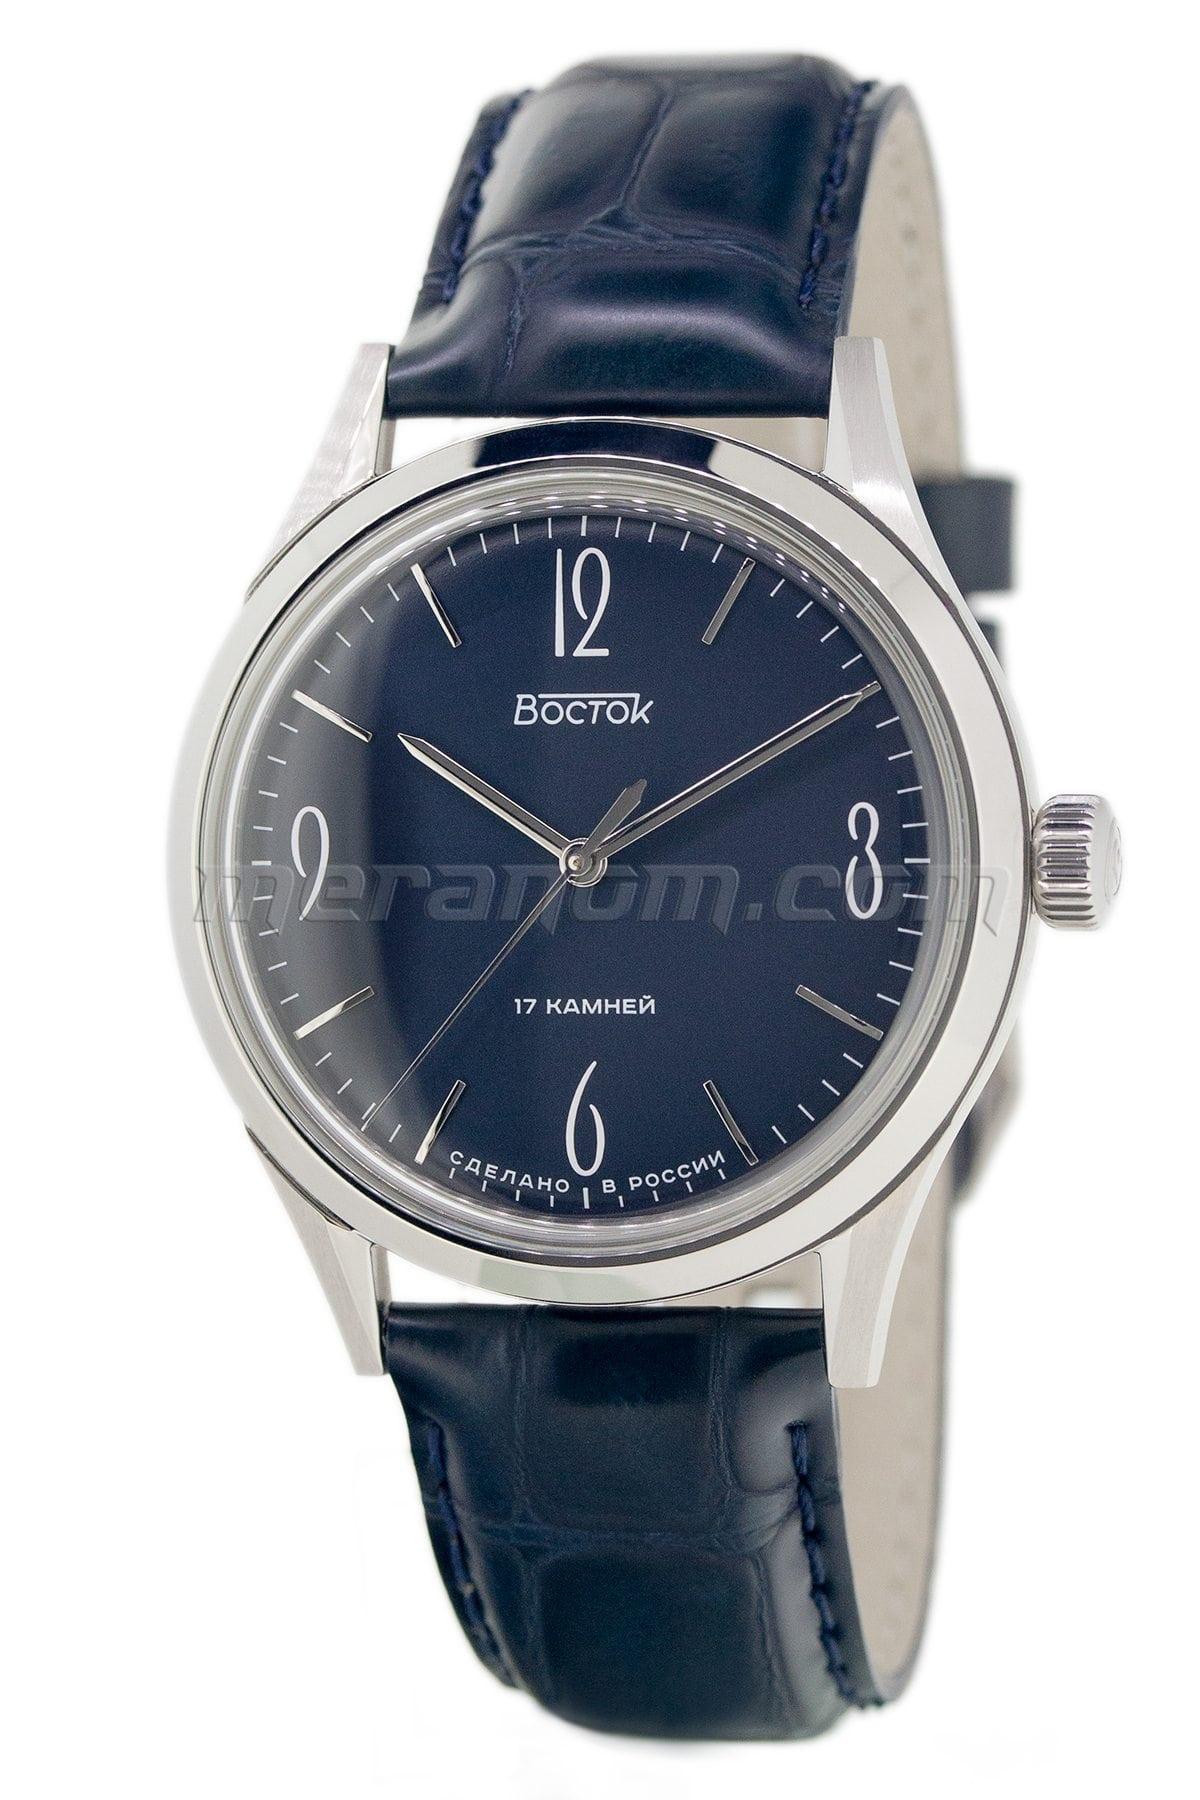 Le bistrot Vostok (pour papoter autour de la marque) - Page 3 Vostok_690B22-01-max-1800